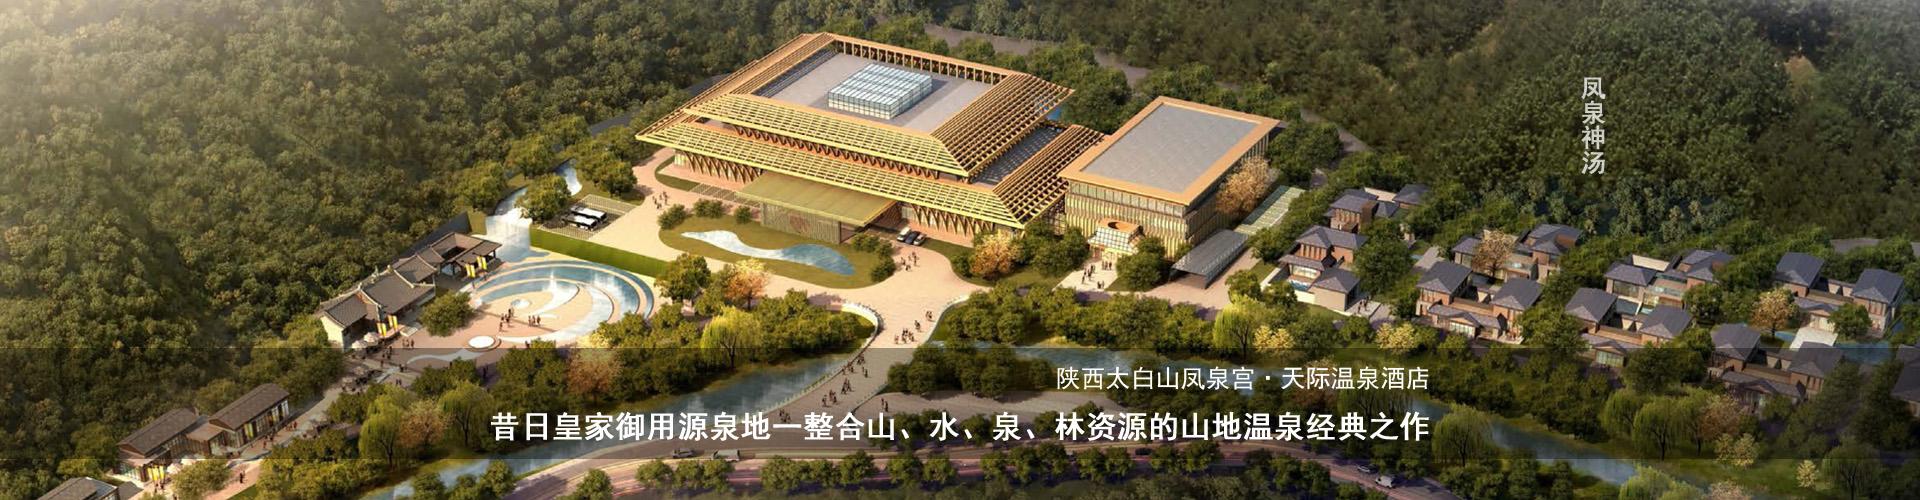 http://www.mu-fang.cn/data/images/slide/20200708172734_915.jpg